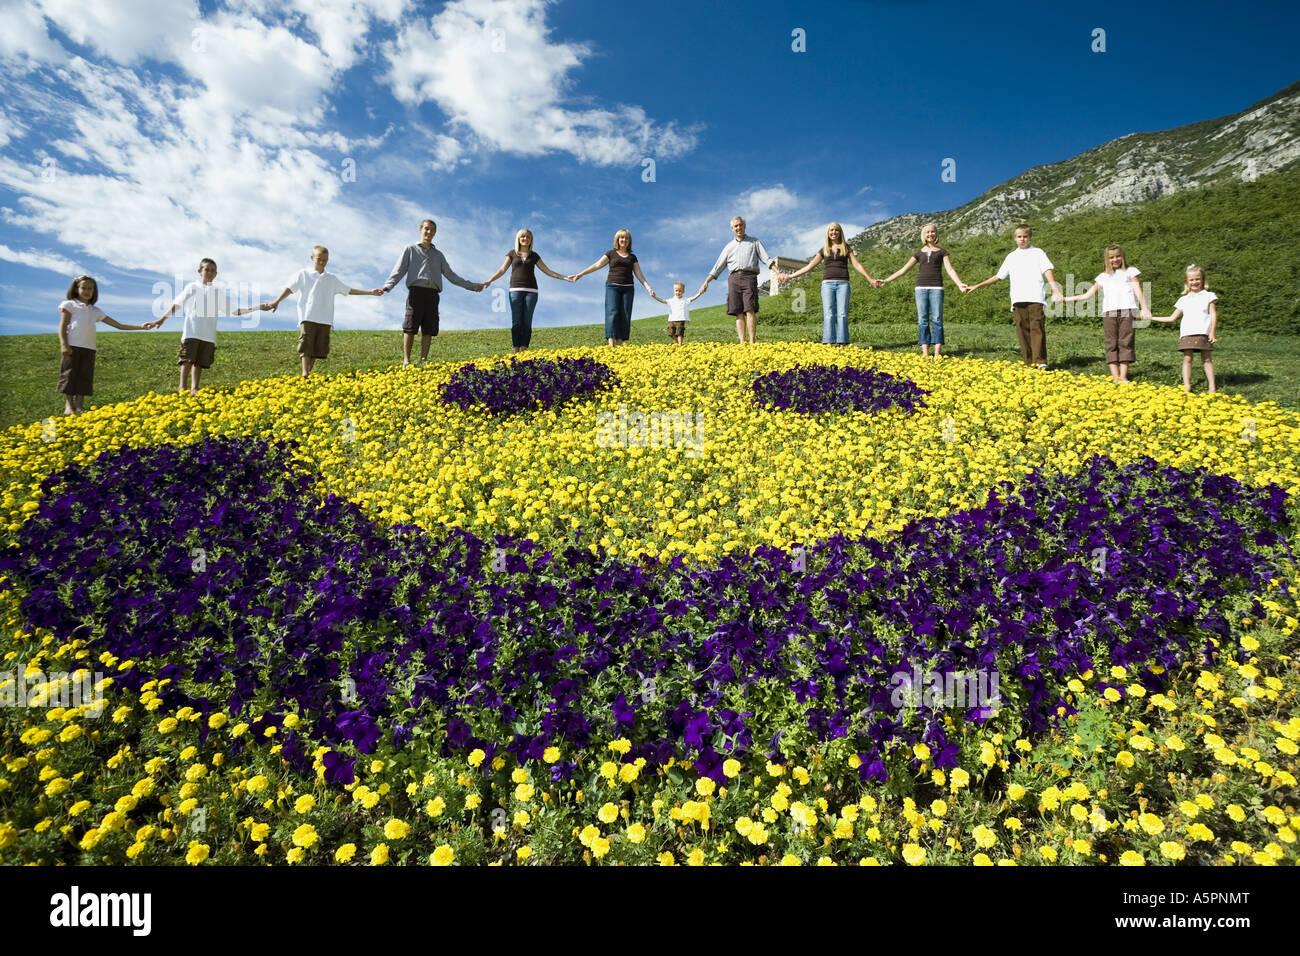 Großen Familiengruppe auf Hügel mit floralen glückliches Gesicht anzeigen Stockfoto